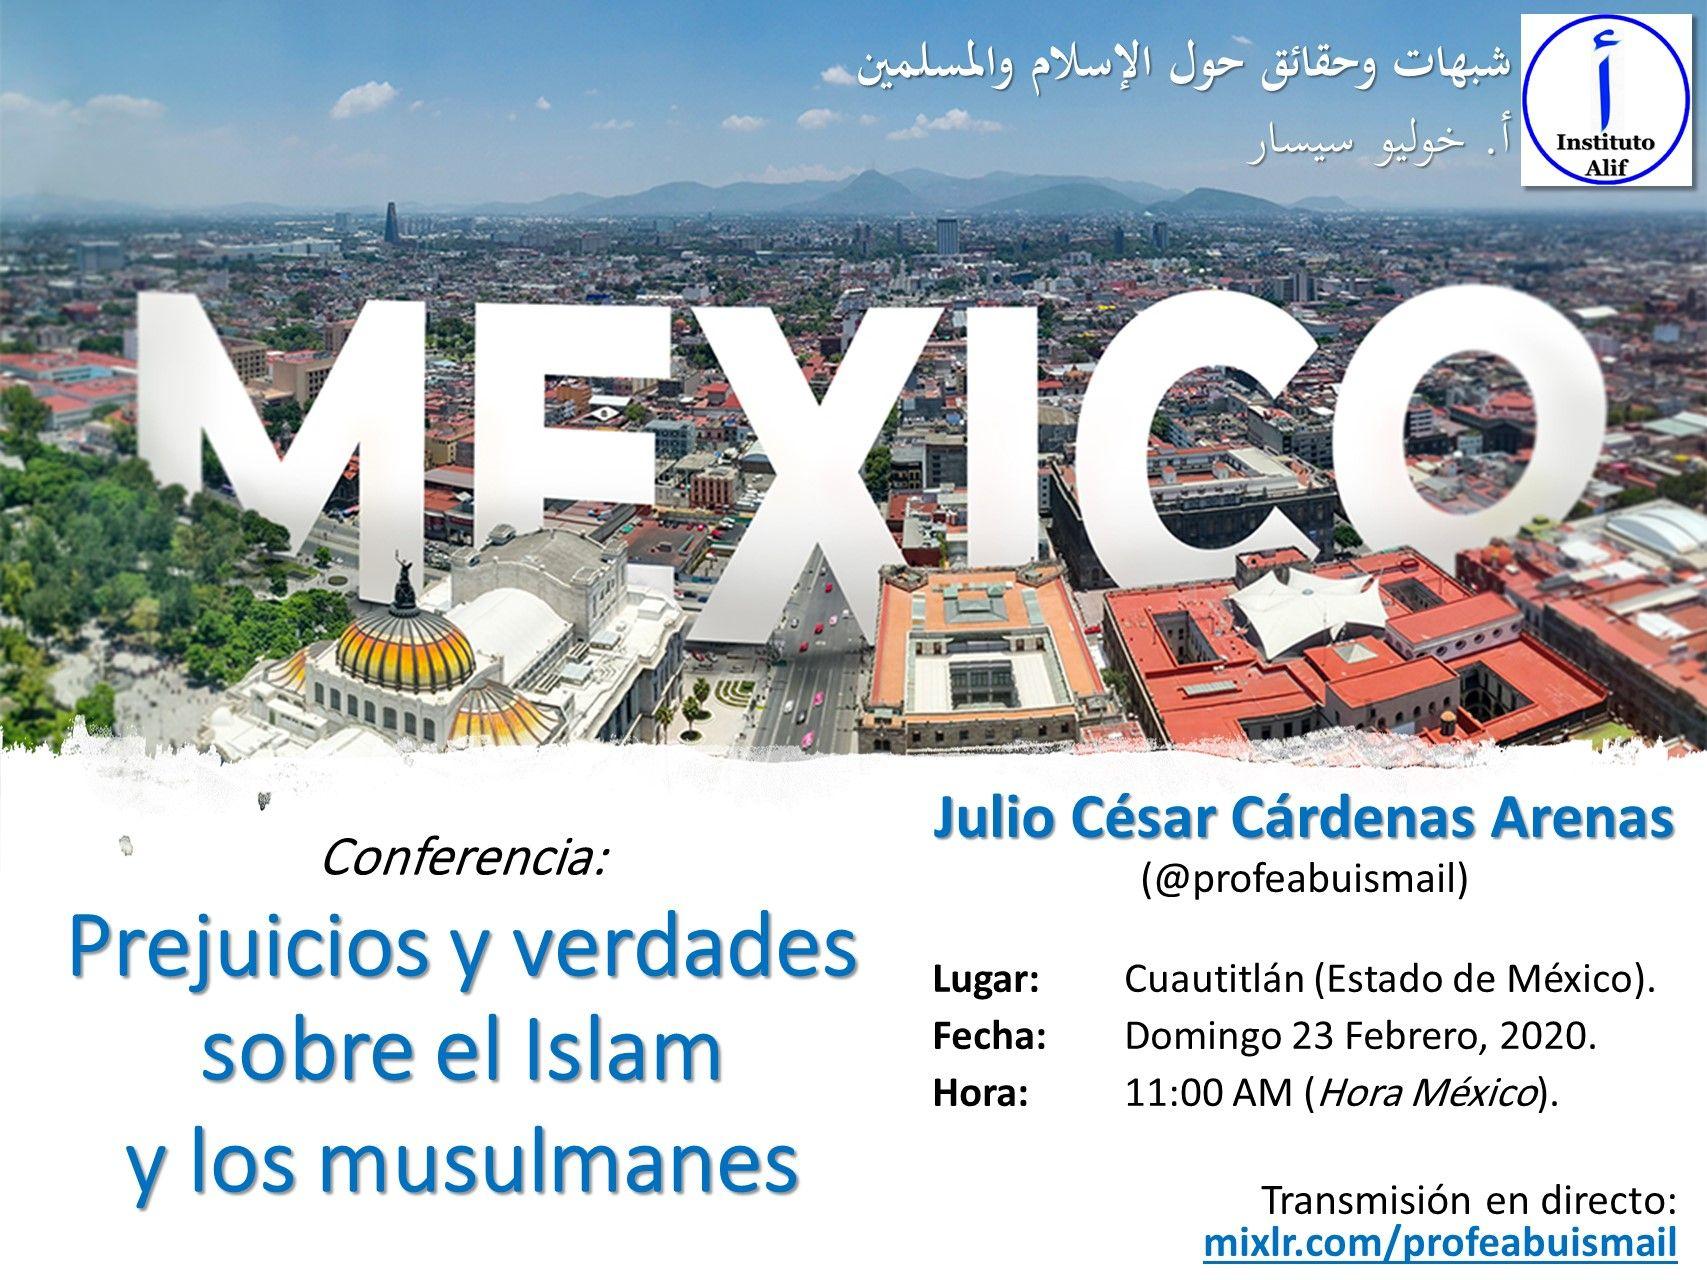 Prejuicios y verdades sobre el Islam y los musulmanes (Conferencia)